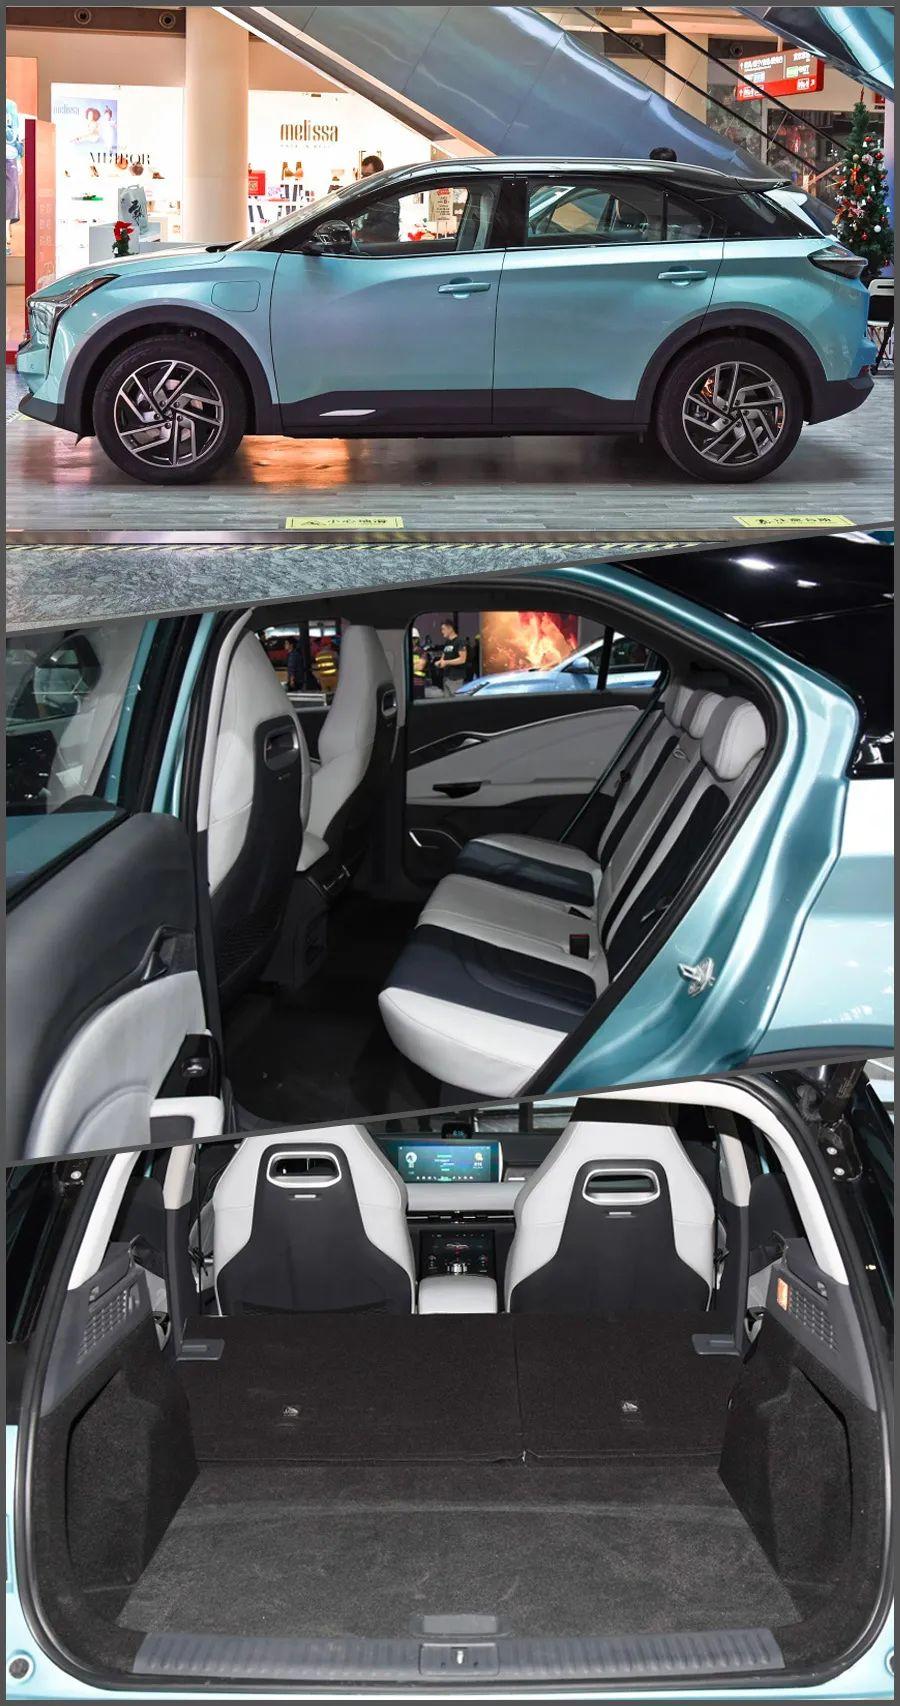 哪吒U对比威马EX5,造车新势力纯电动紧凑型SUV的对决 !